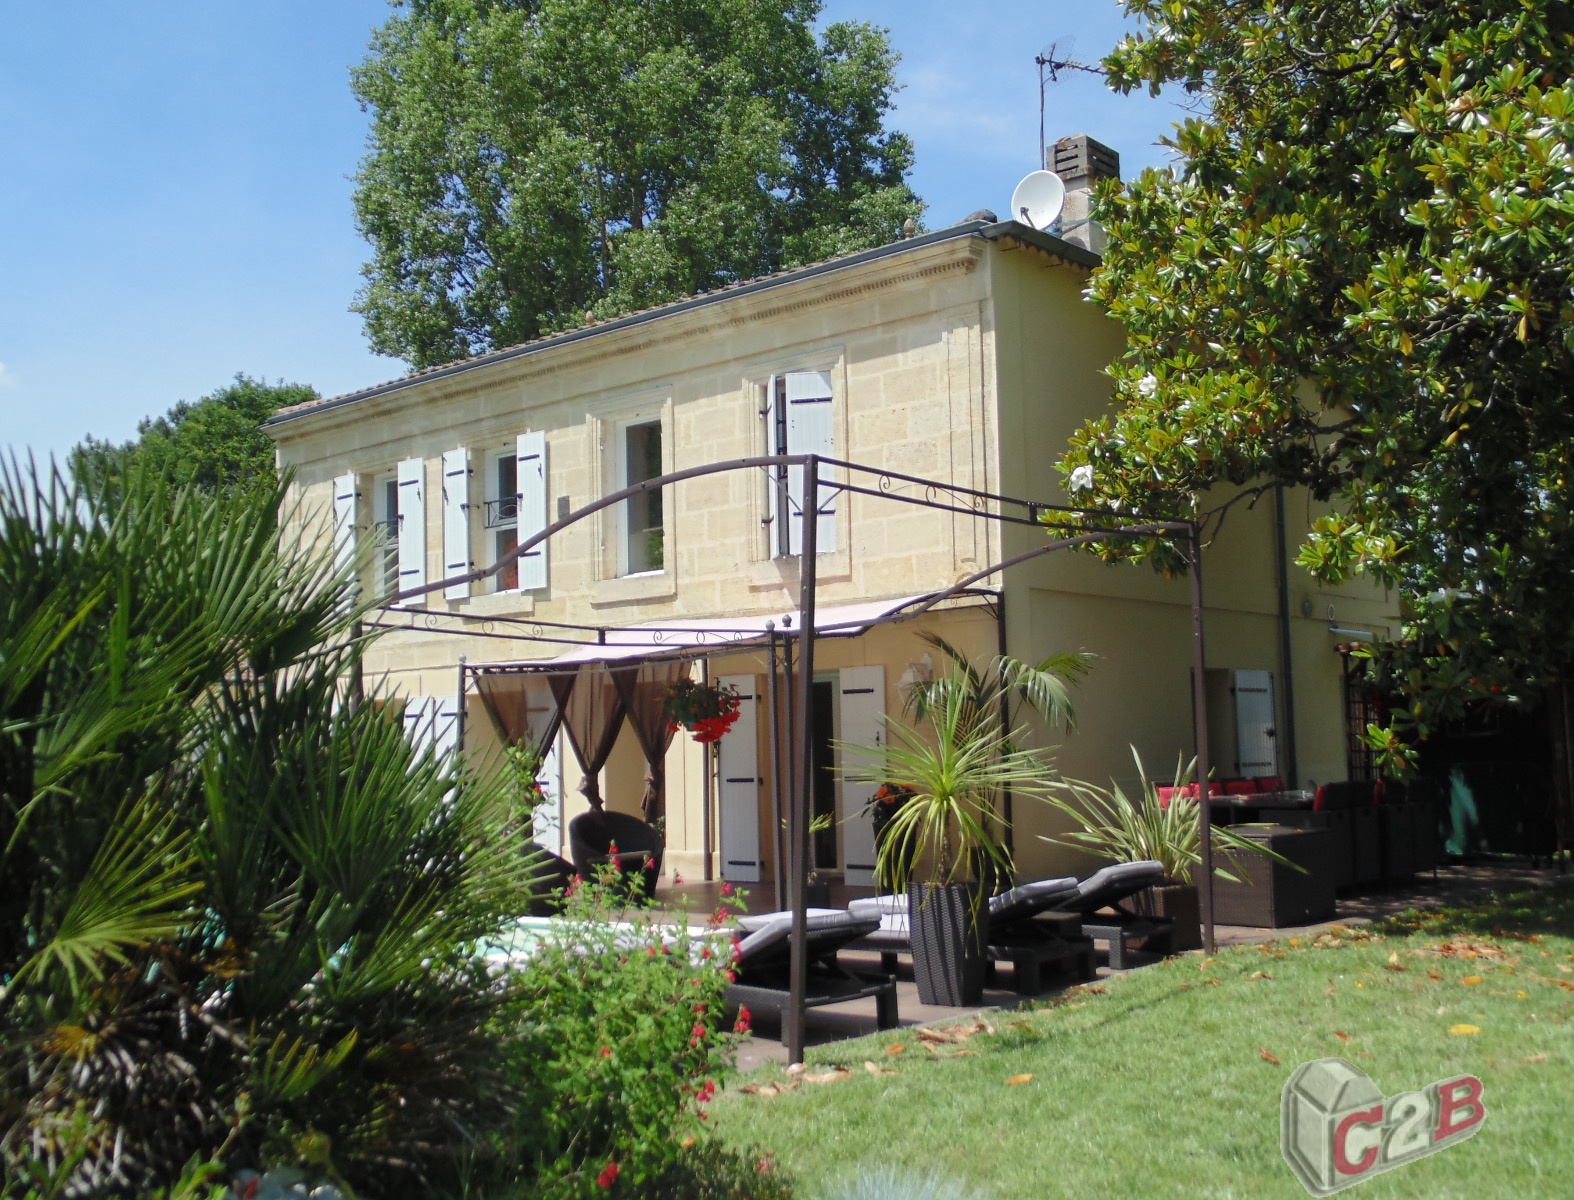 C2b immobilier la br de l ognan beautiran et environs for Location appartement yverdon et environs